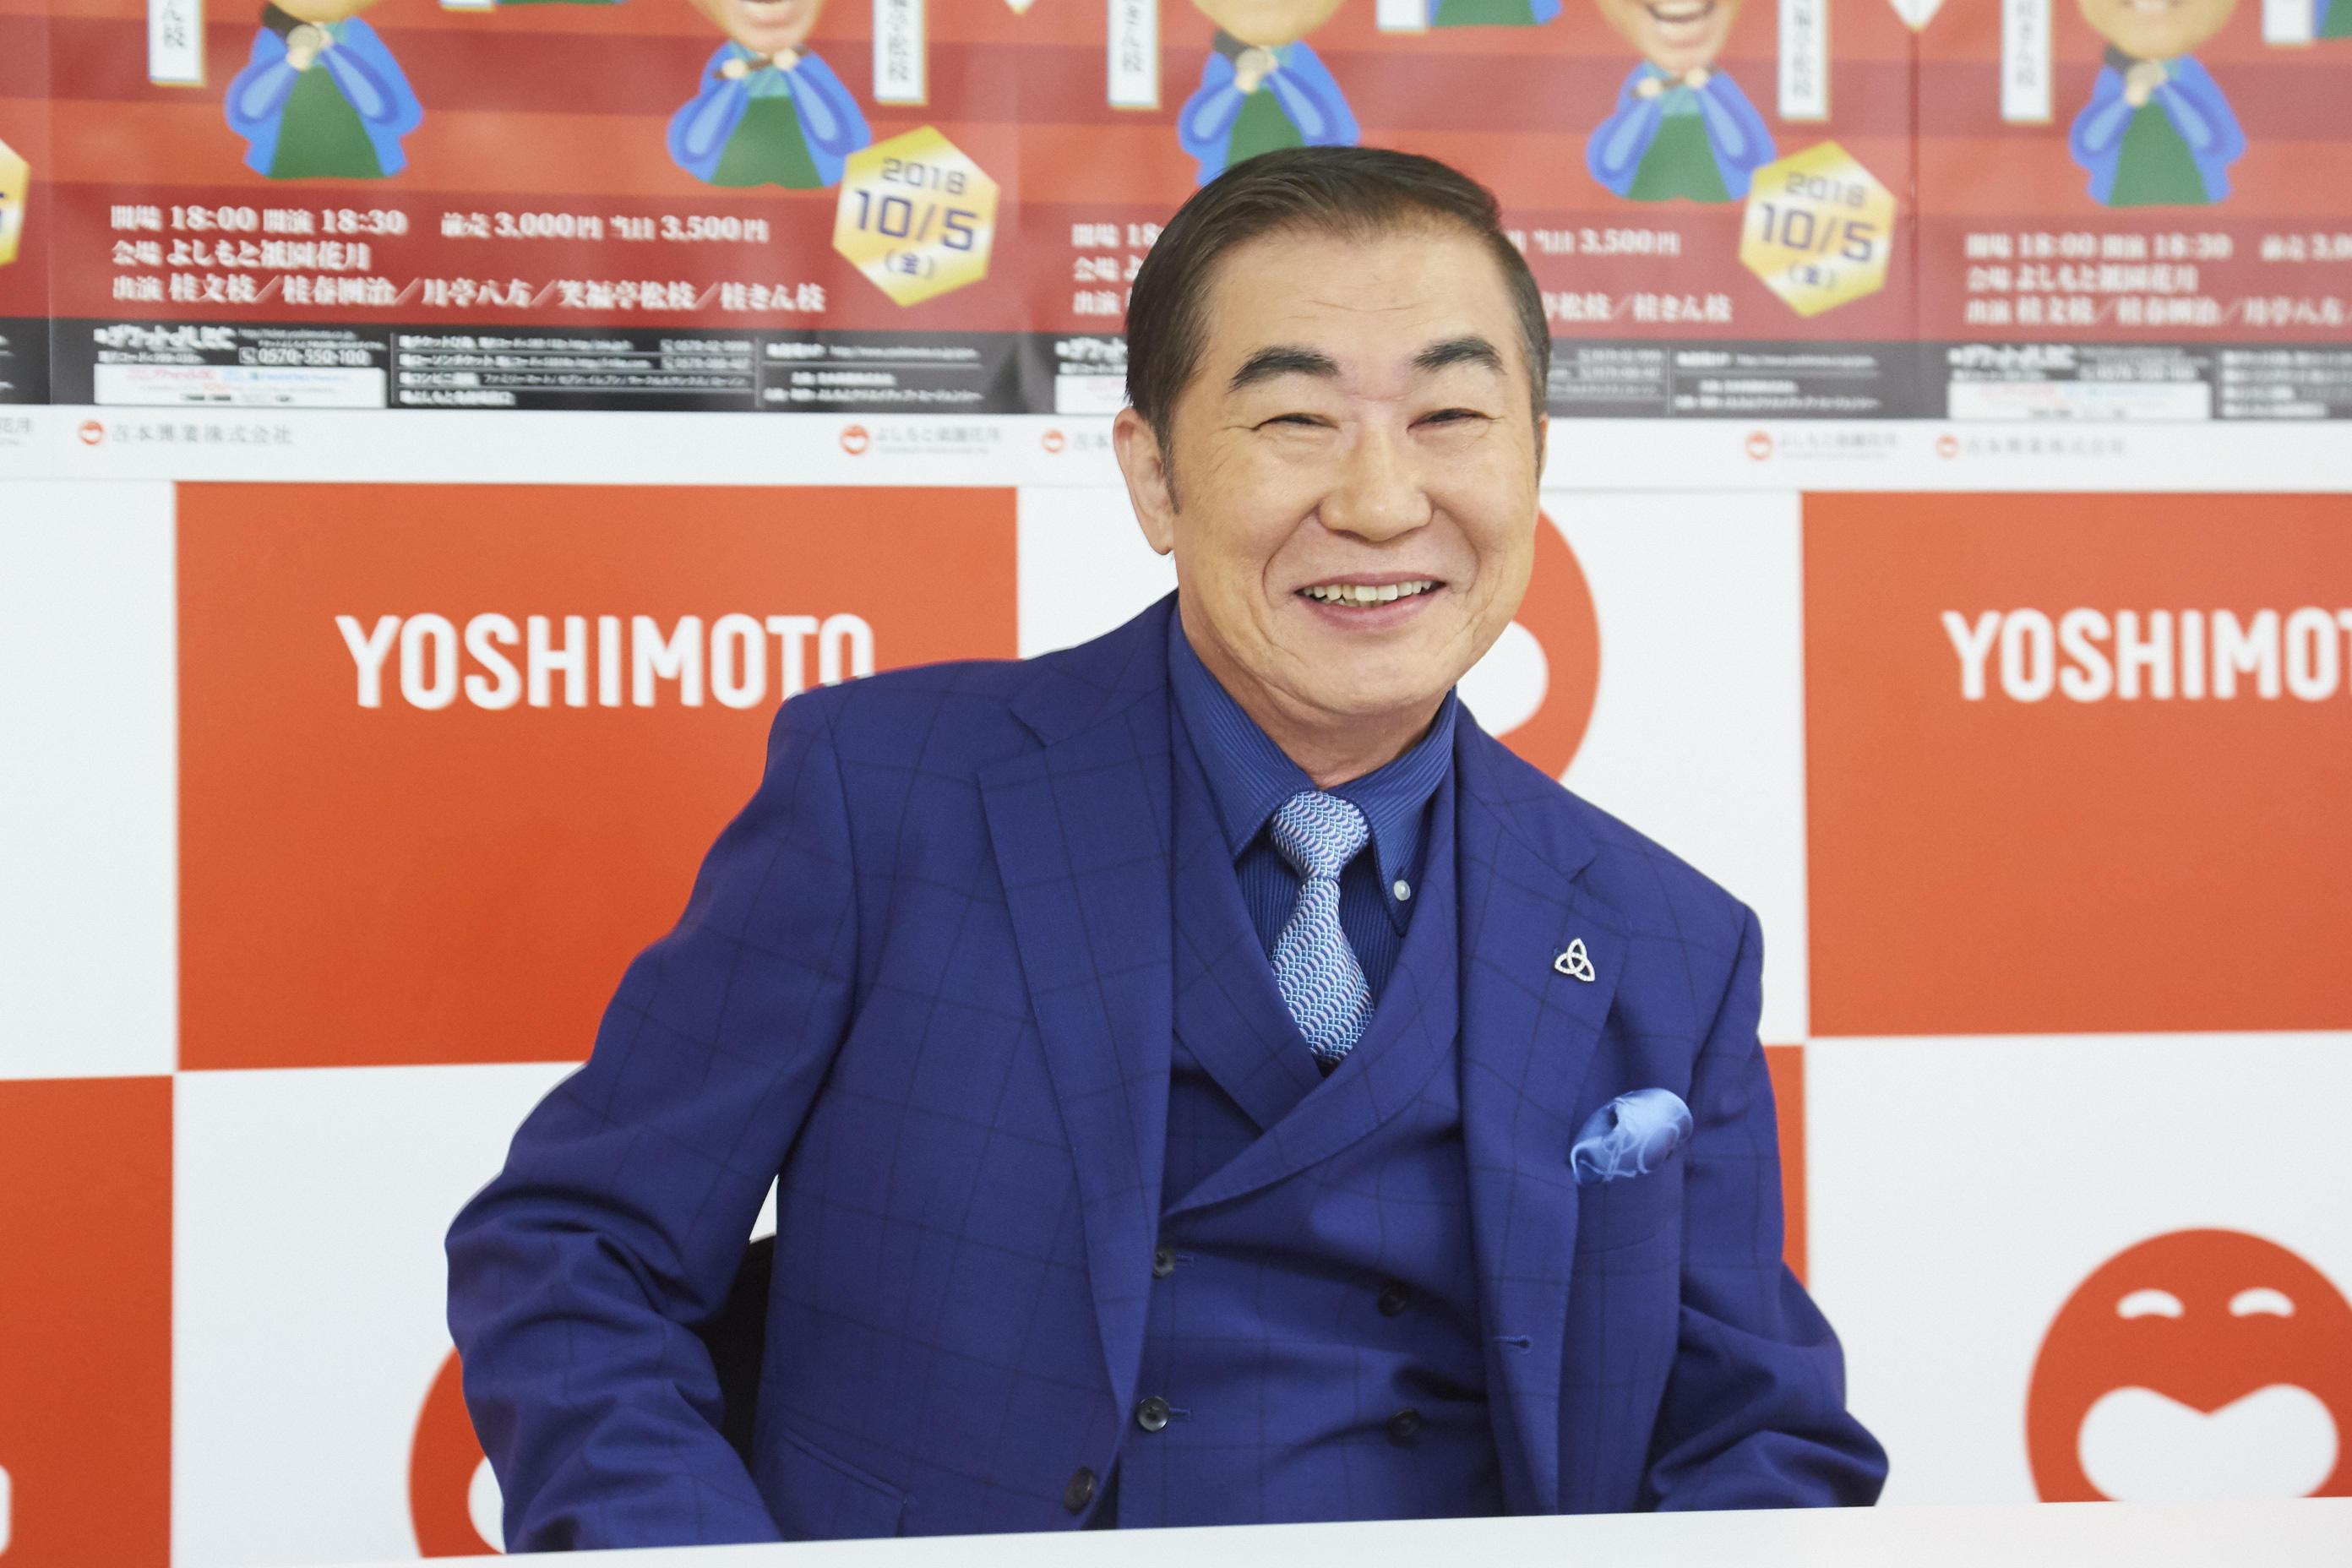 http://news.yoshimoto.co.jp/20180913204052-52b1b9392700b7f5c08d3e30f73fa07c3476ffc4.jpg